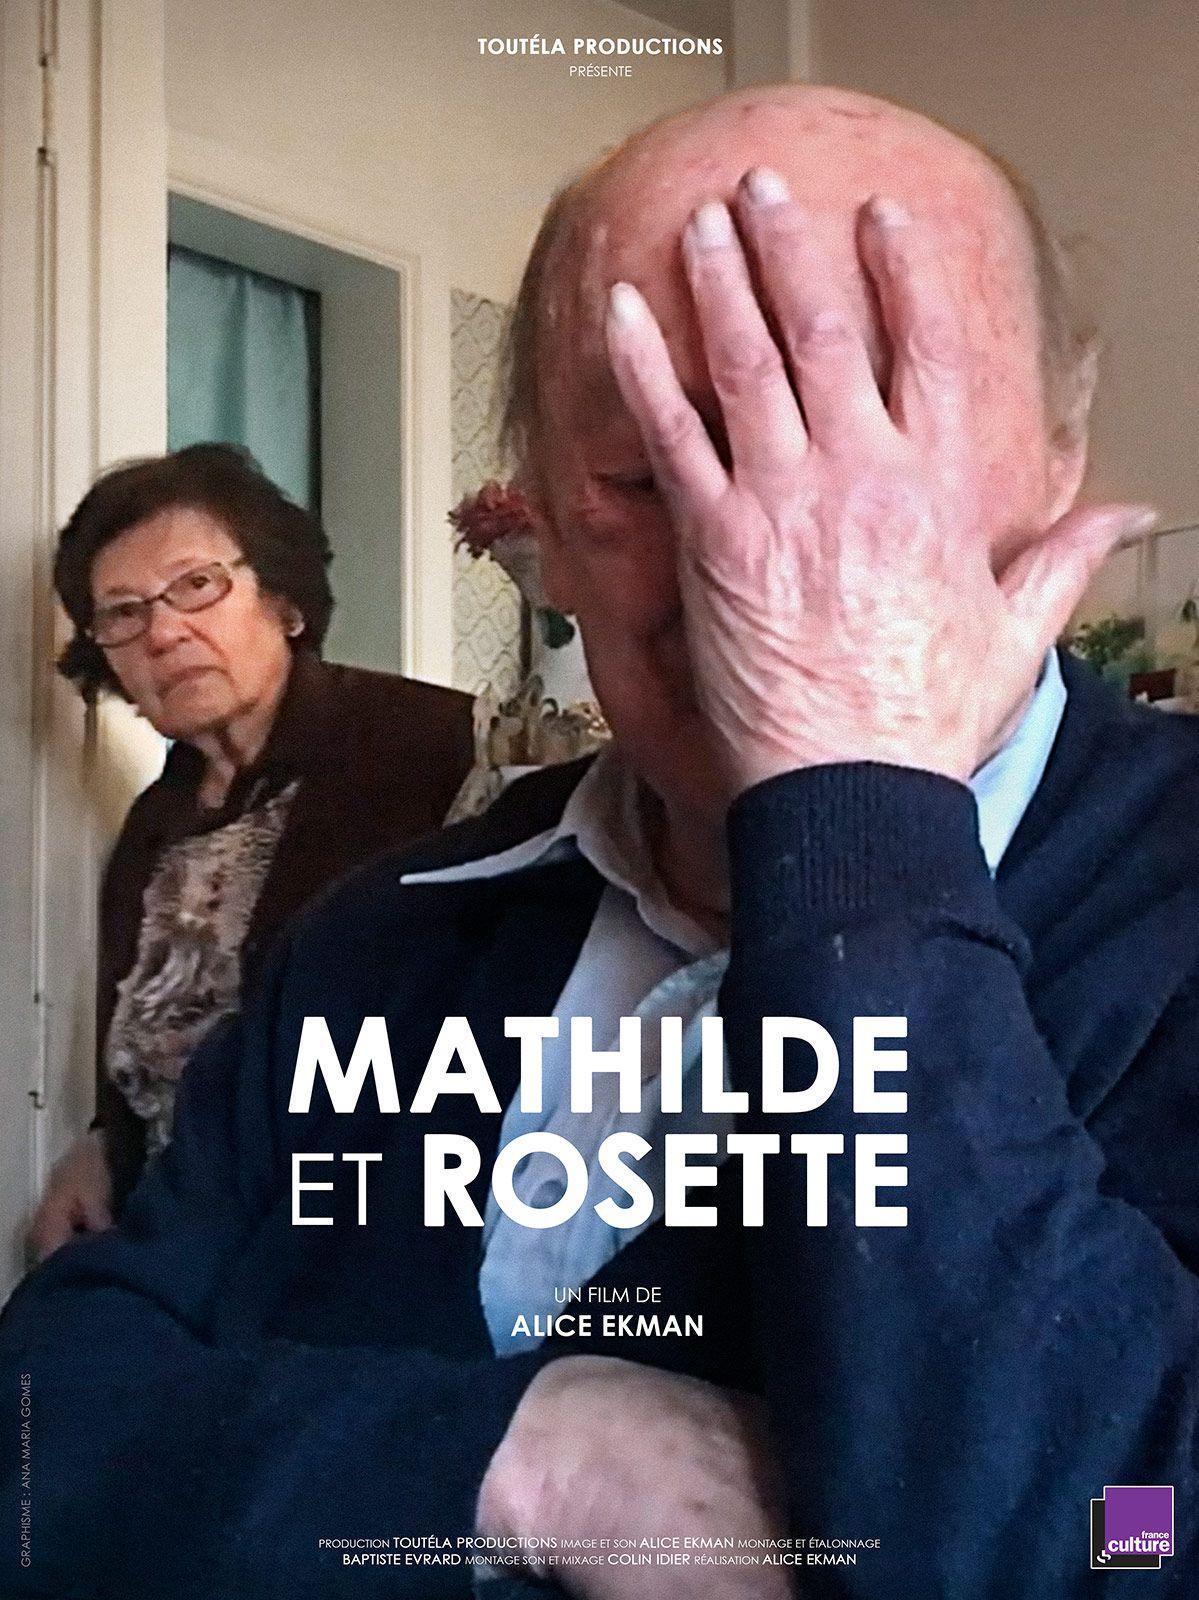 Mathilde et Rosette - Documentaire (2020)